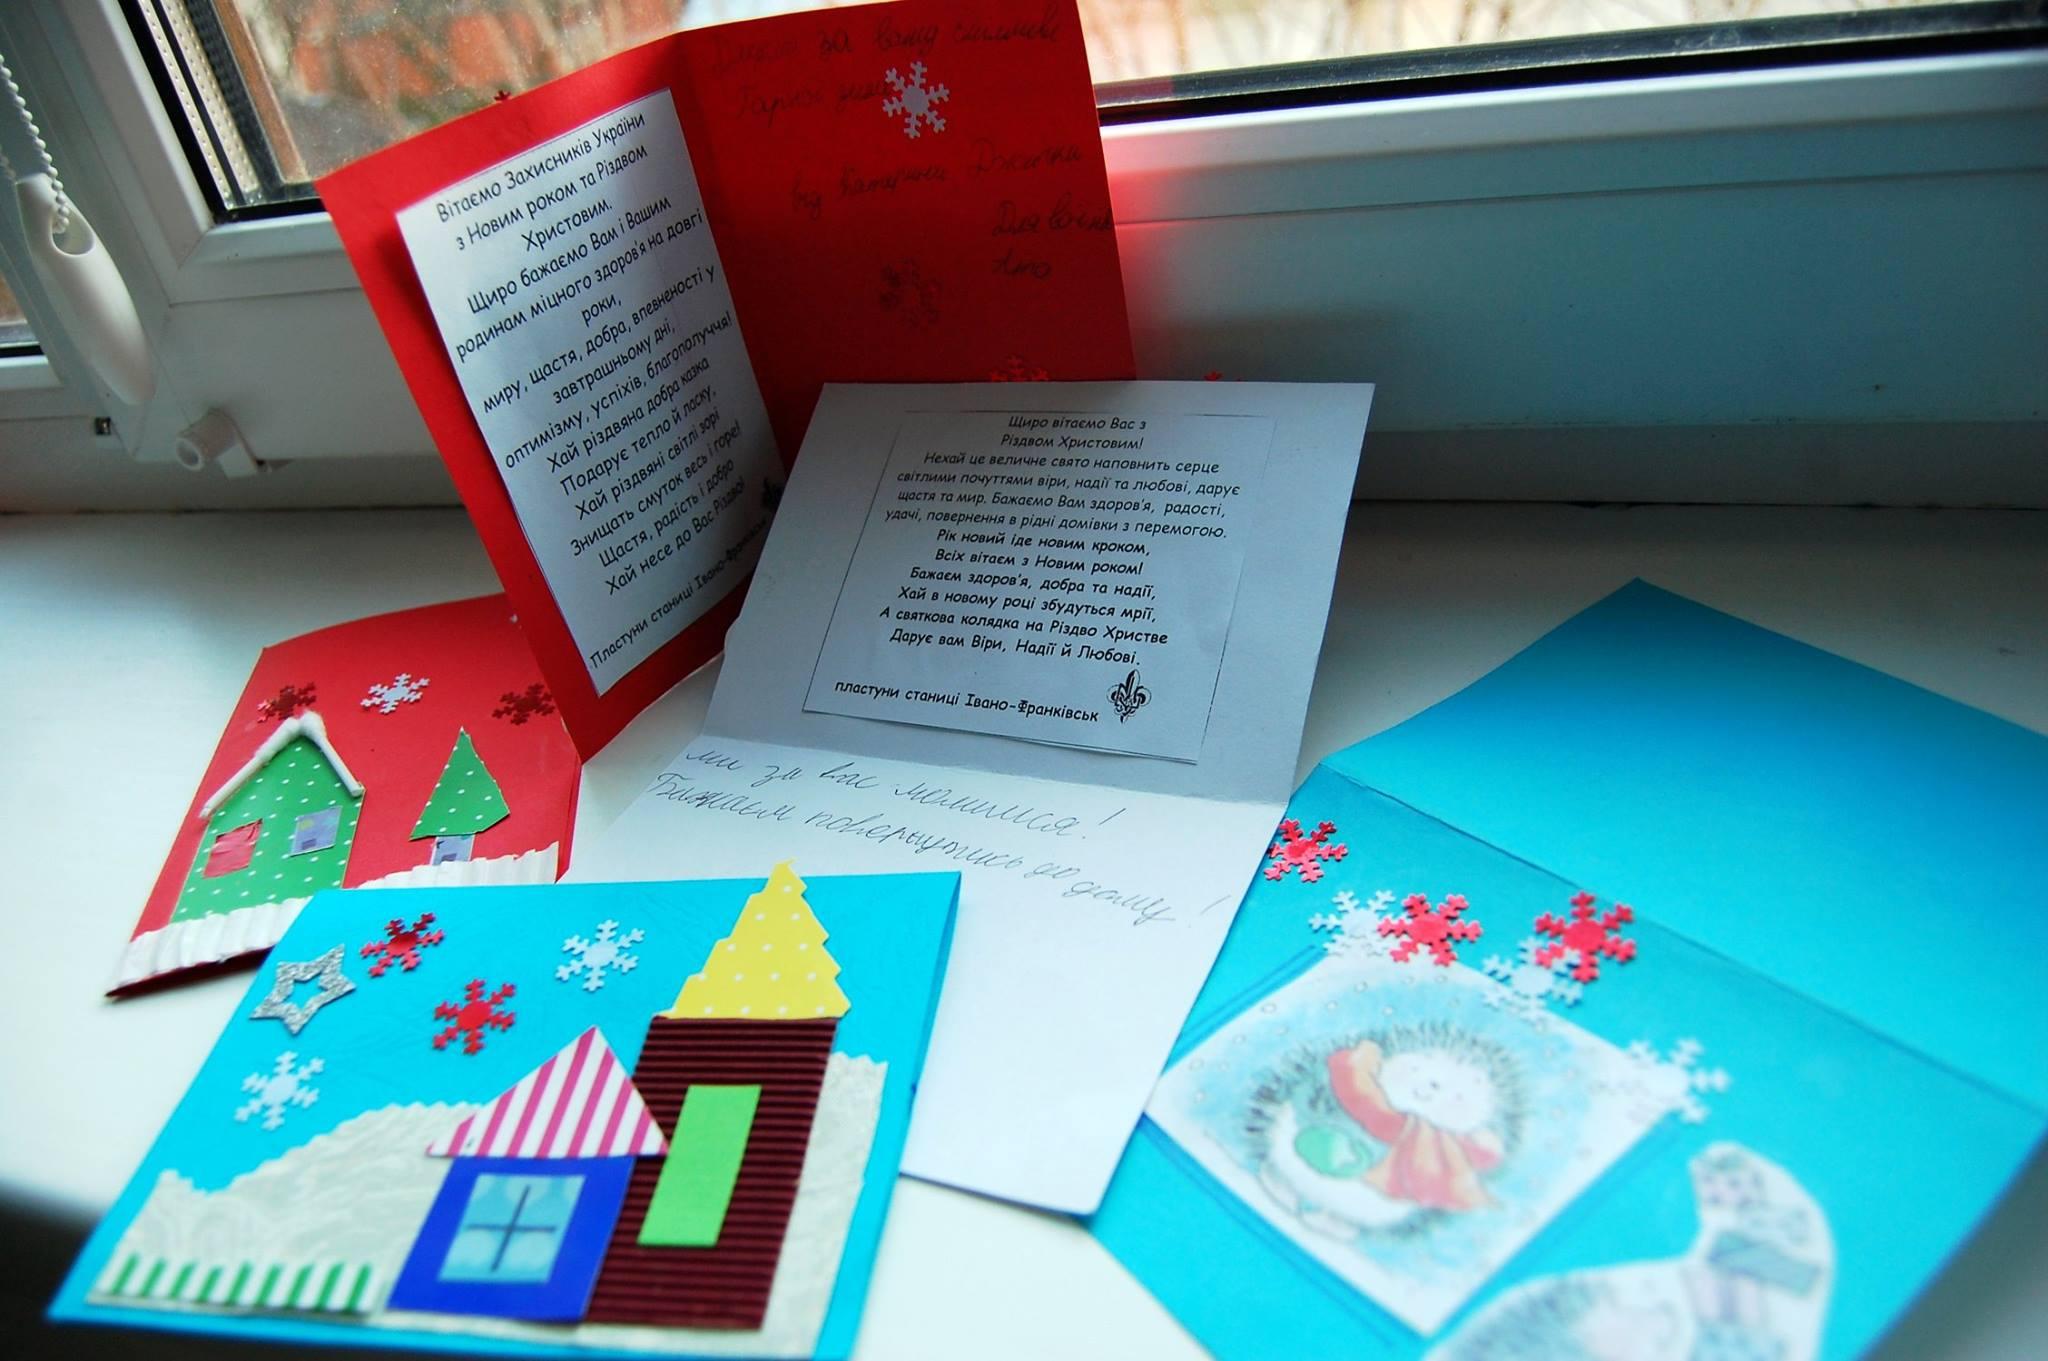 Вітальні листівки воїнам АТО: Івано-Франківські новачки передали вітальні листівки для воїнів в зону АТО